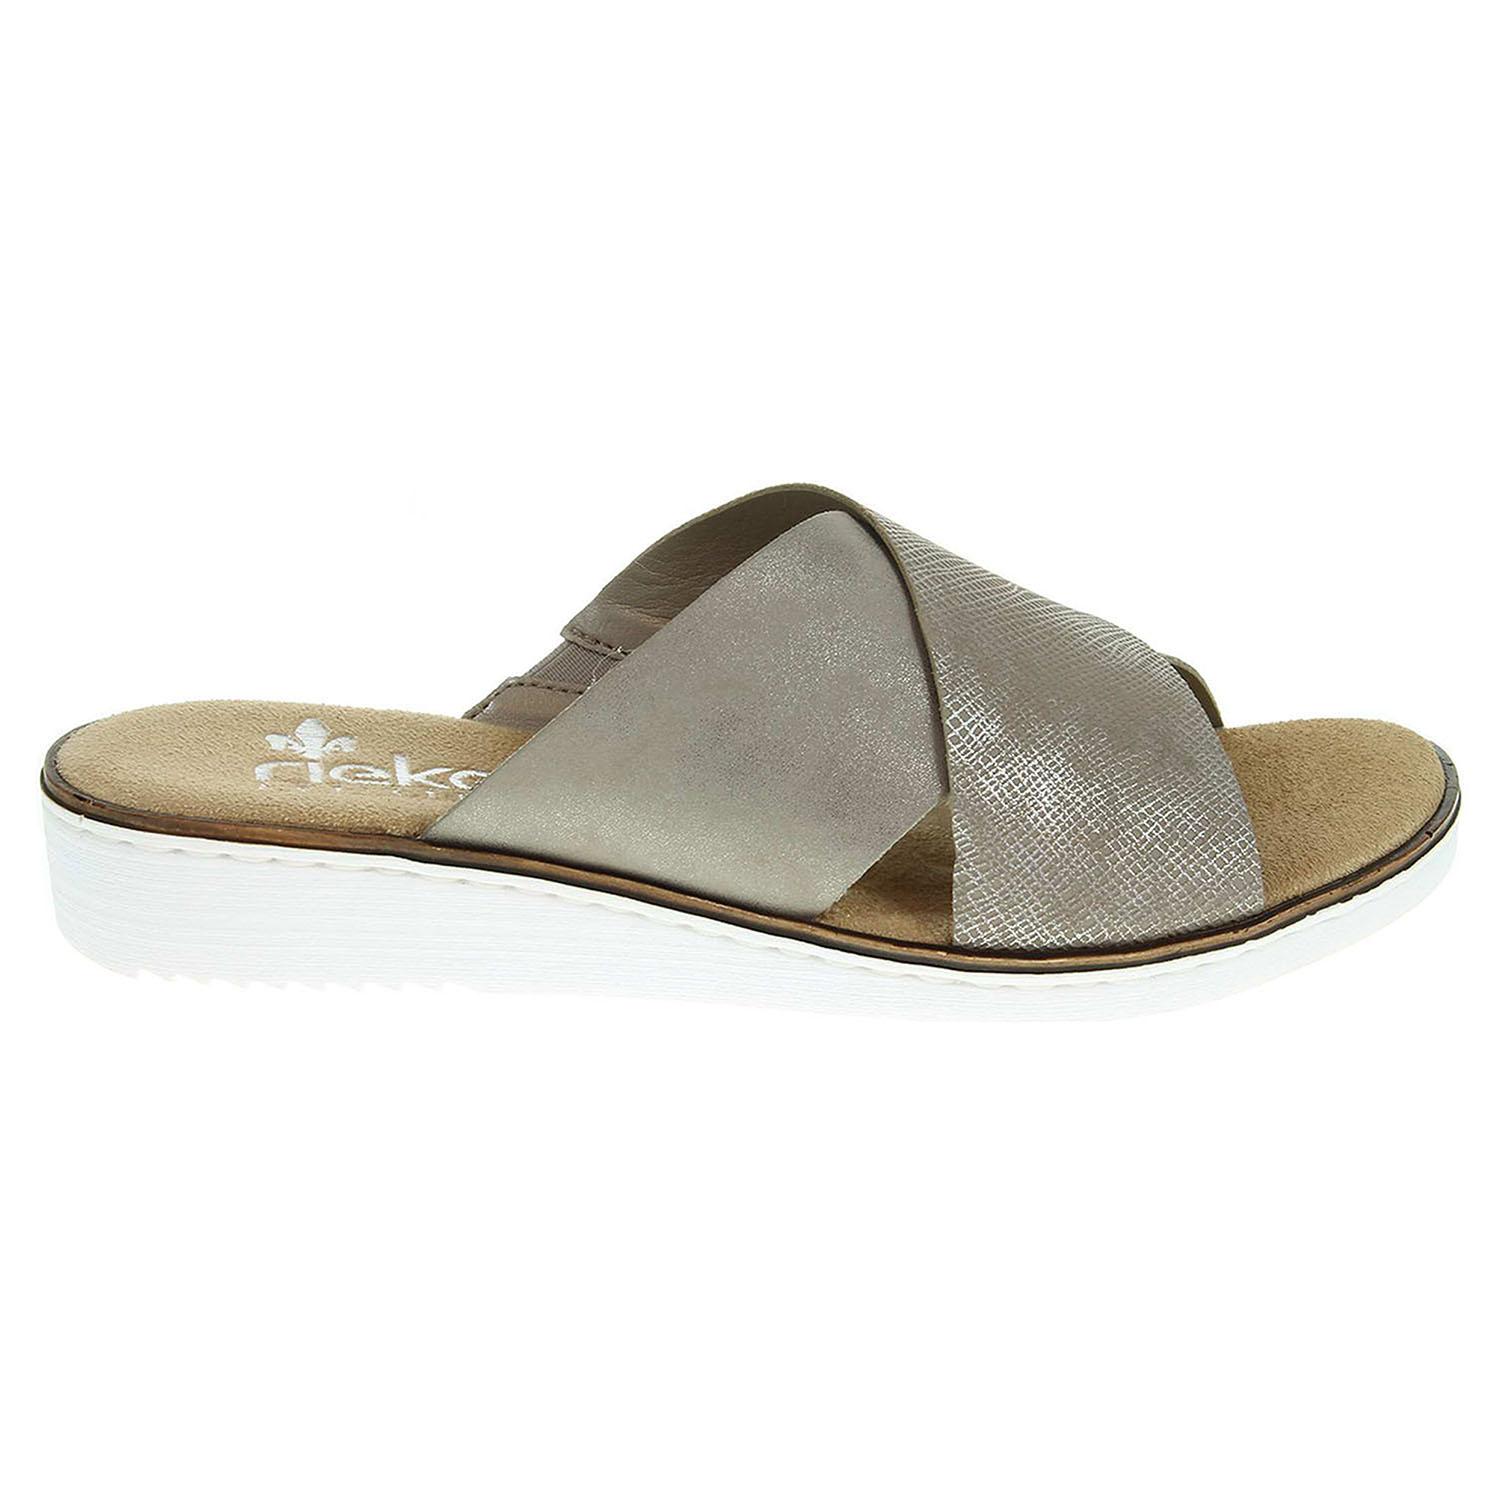 Ecco Rieker dámské pantofle 63660-65 béžové 23600789